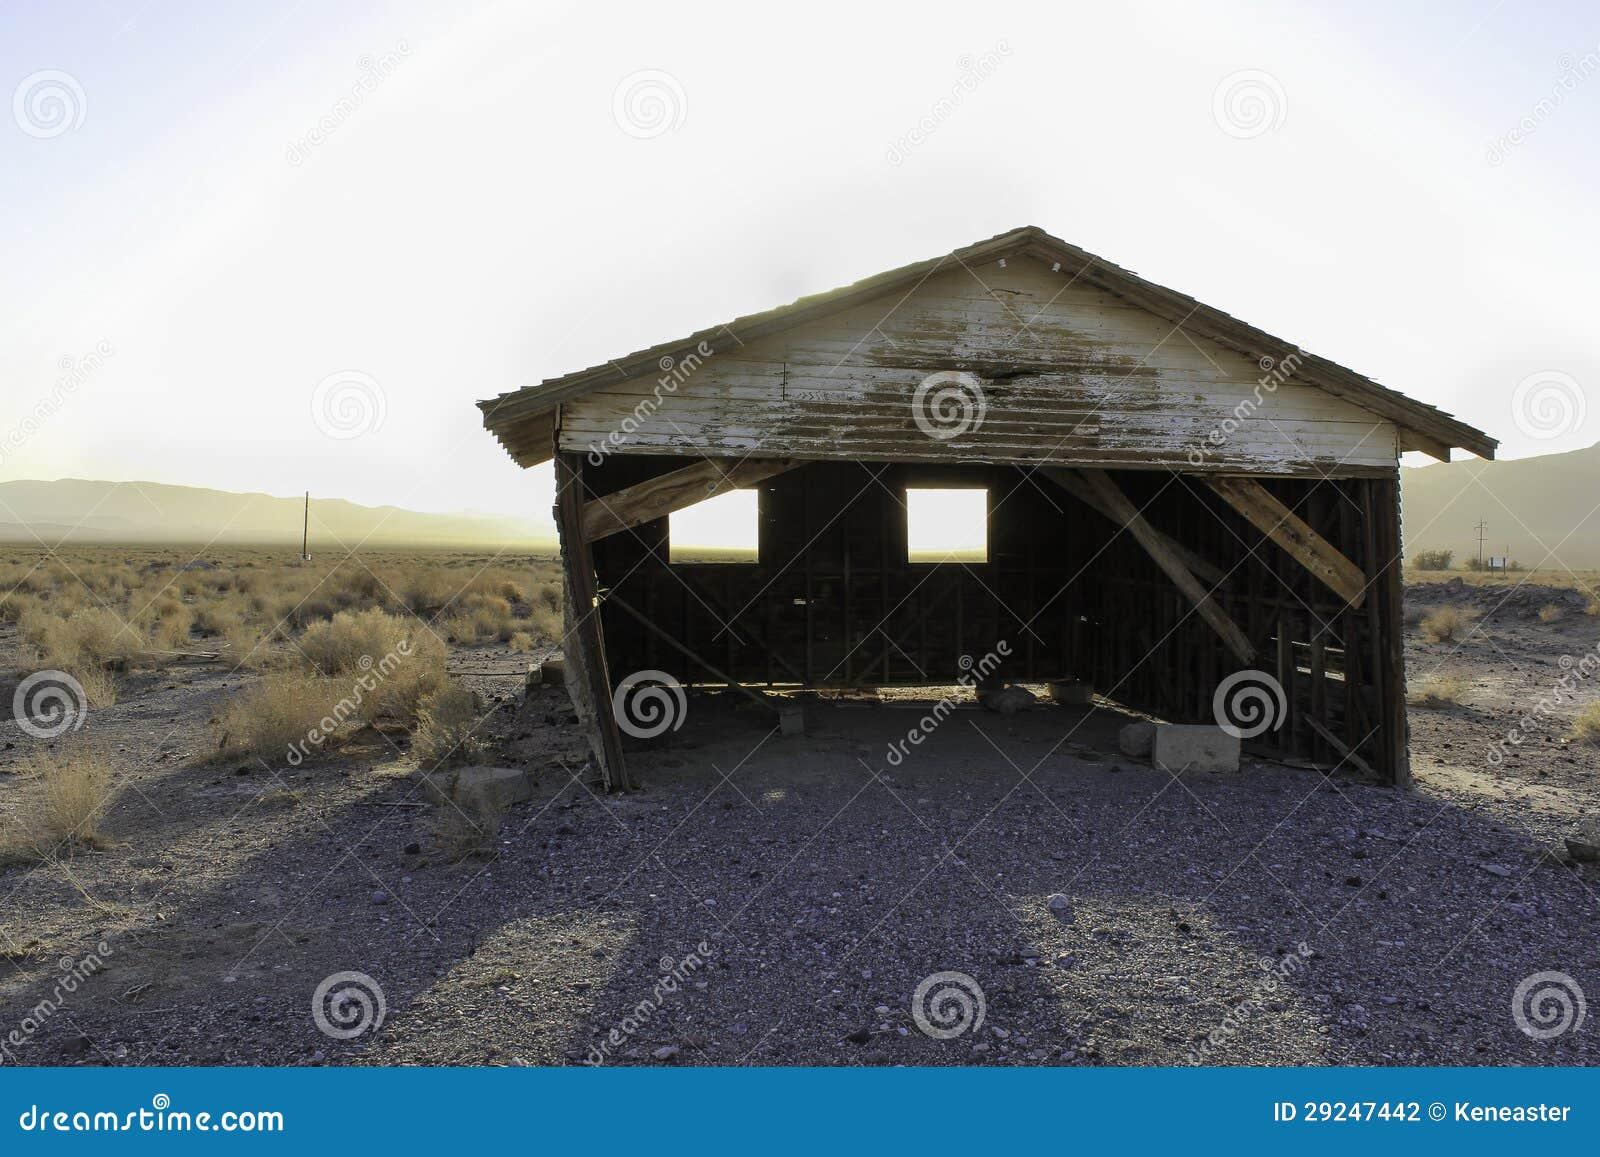 Download Cabana do deserto foto de stock. Imagem de iluminado - 29247442